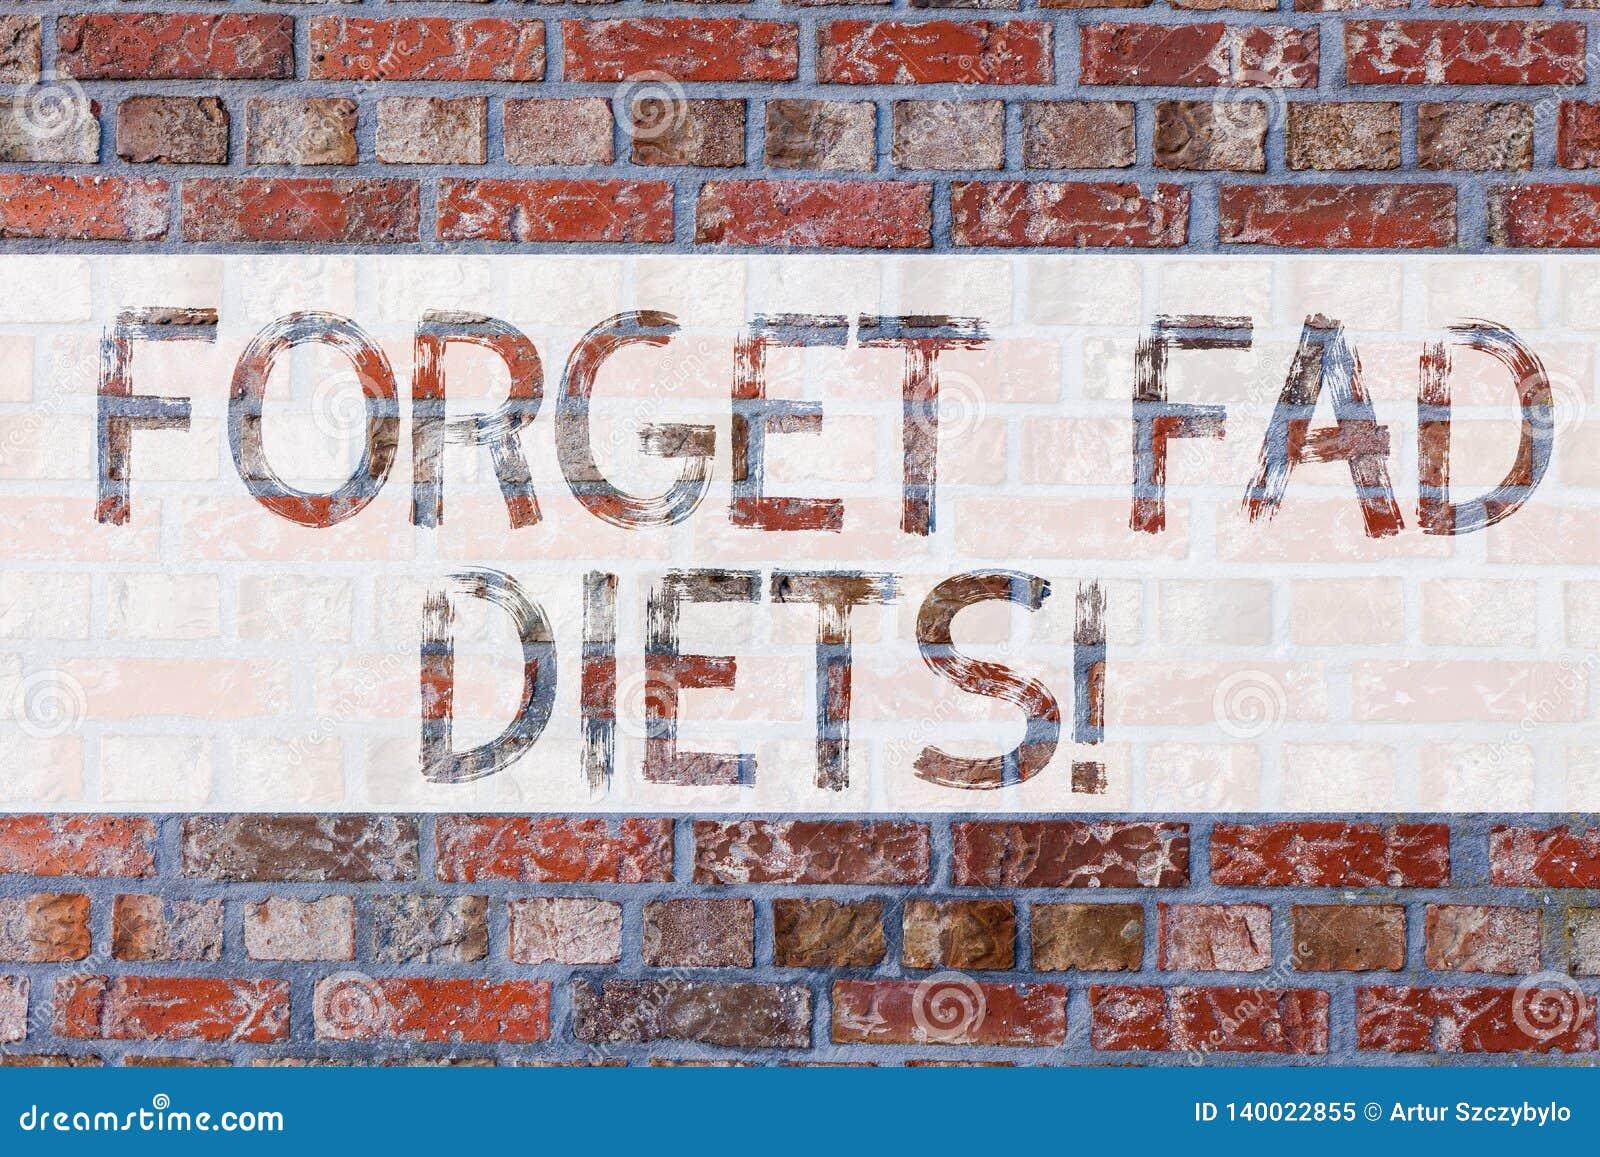 Handskrifttexthandstil glömmer att modeflugan bantar Begrepp som betyder förminskning för kalori för dropppund förfallen sjuklig